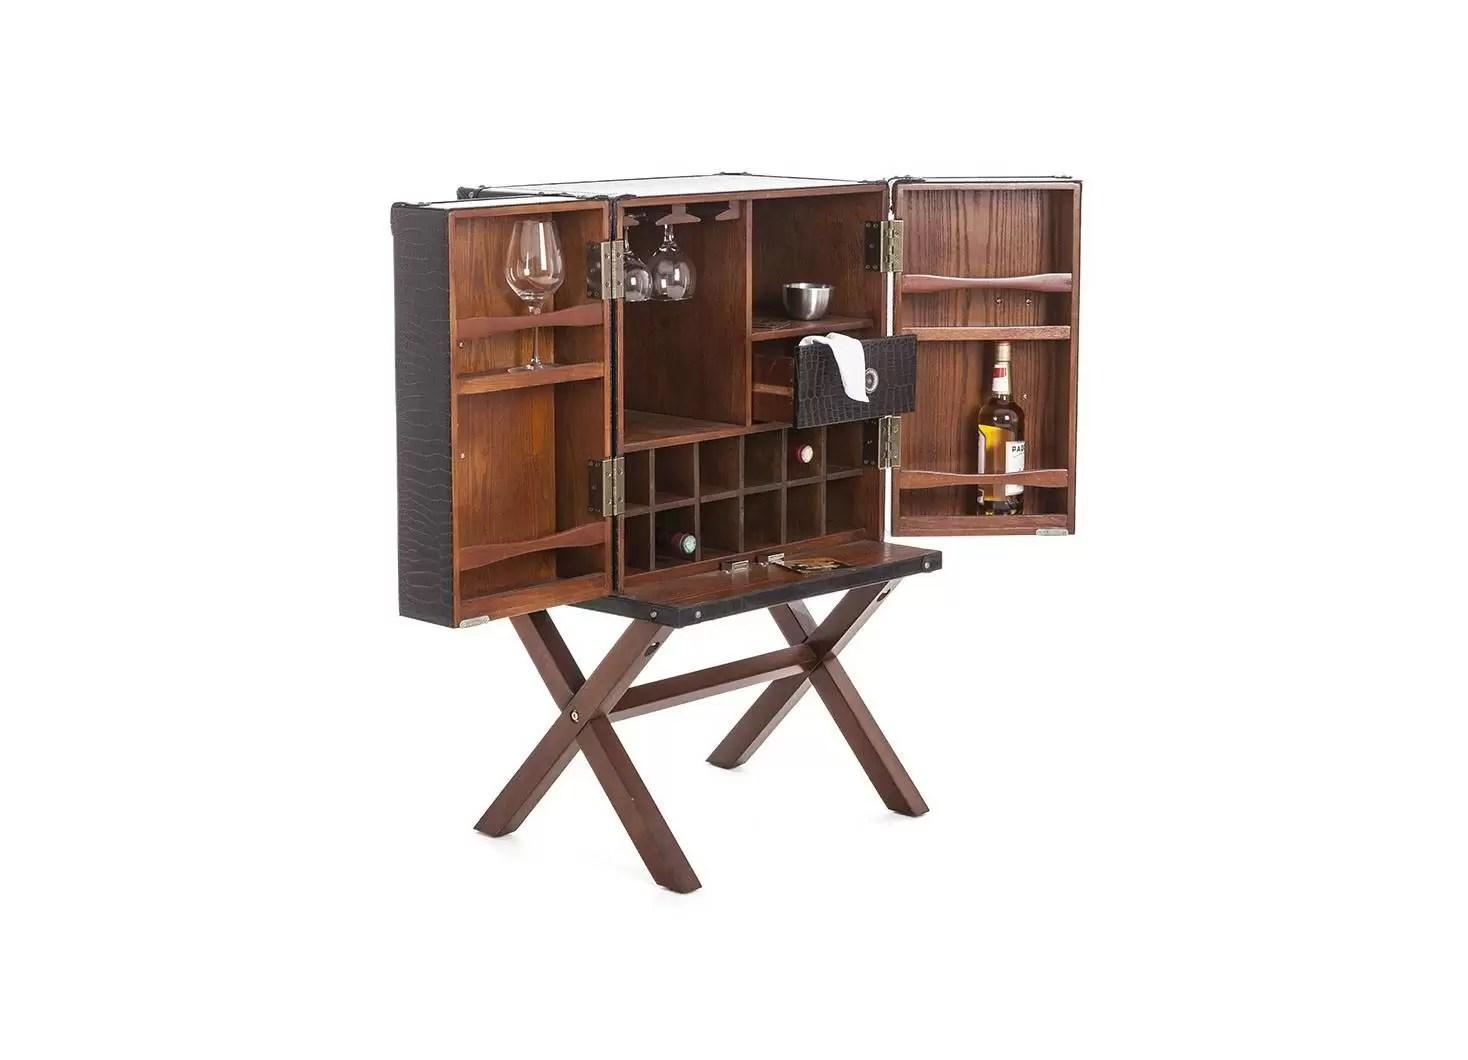 malle bar sur stand cap horn petit modele marron fonce facon croco